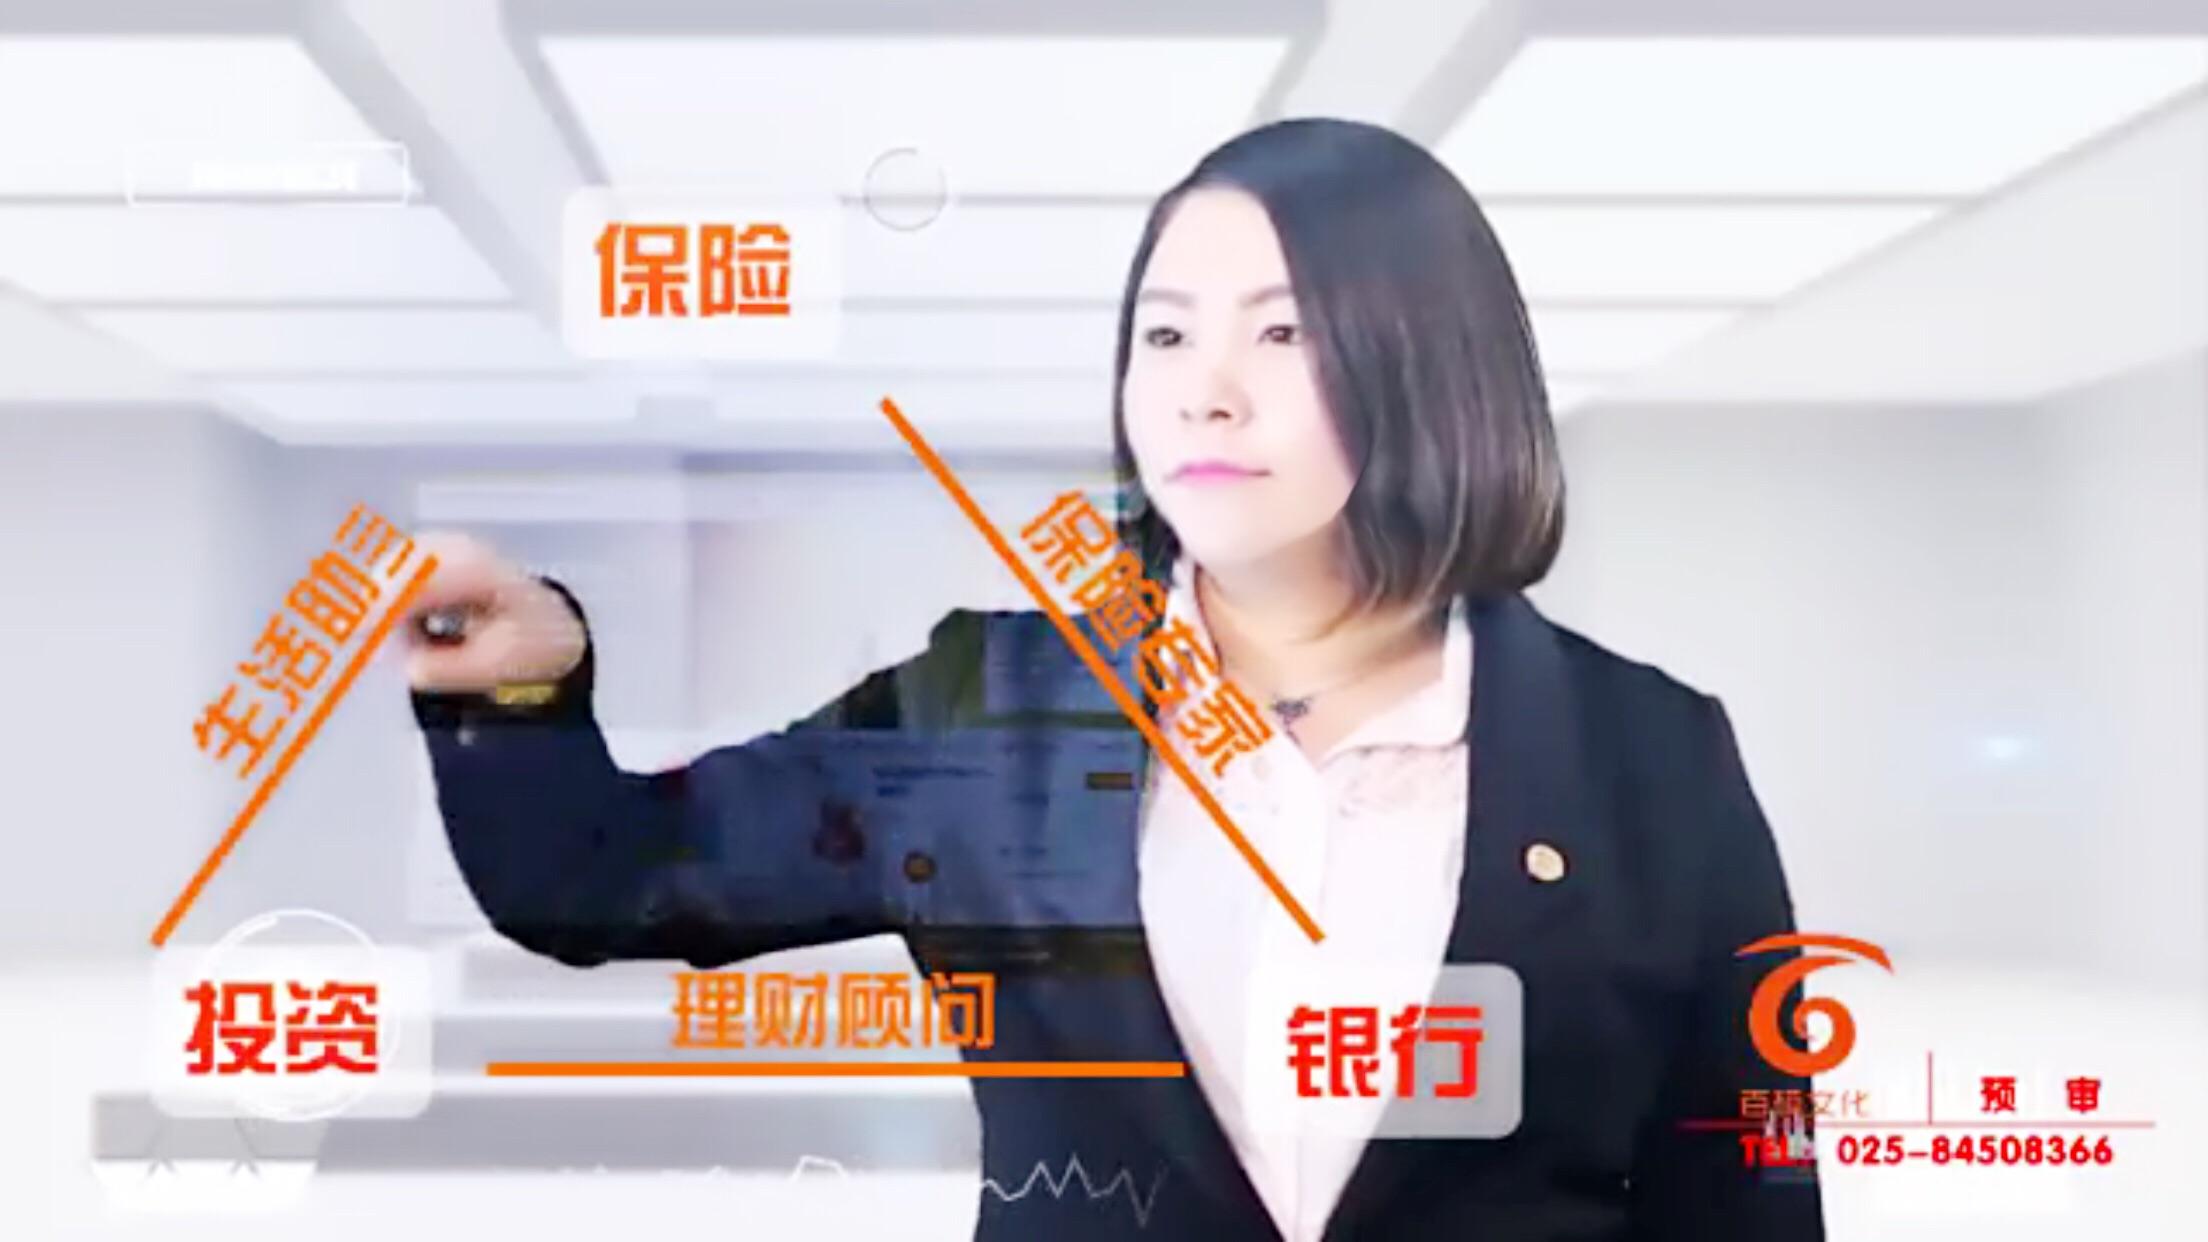 江苏南京鼓楼平安保险代理人王爱红的个人名片